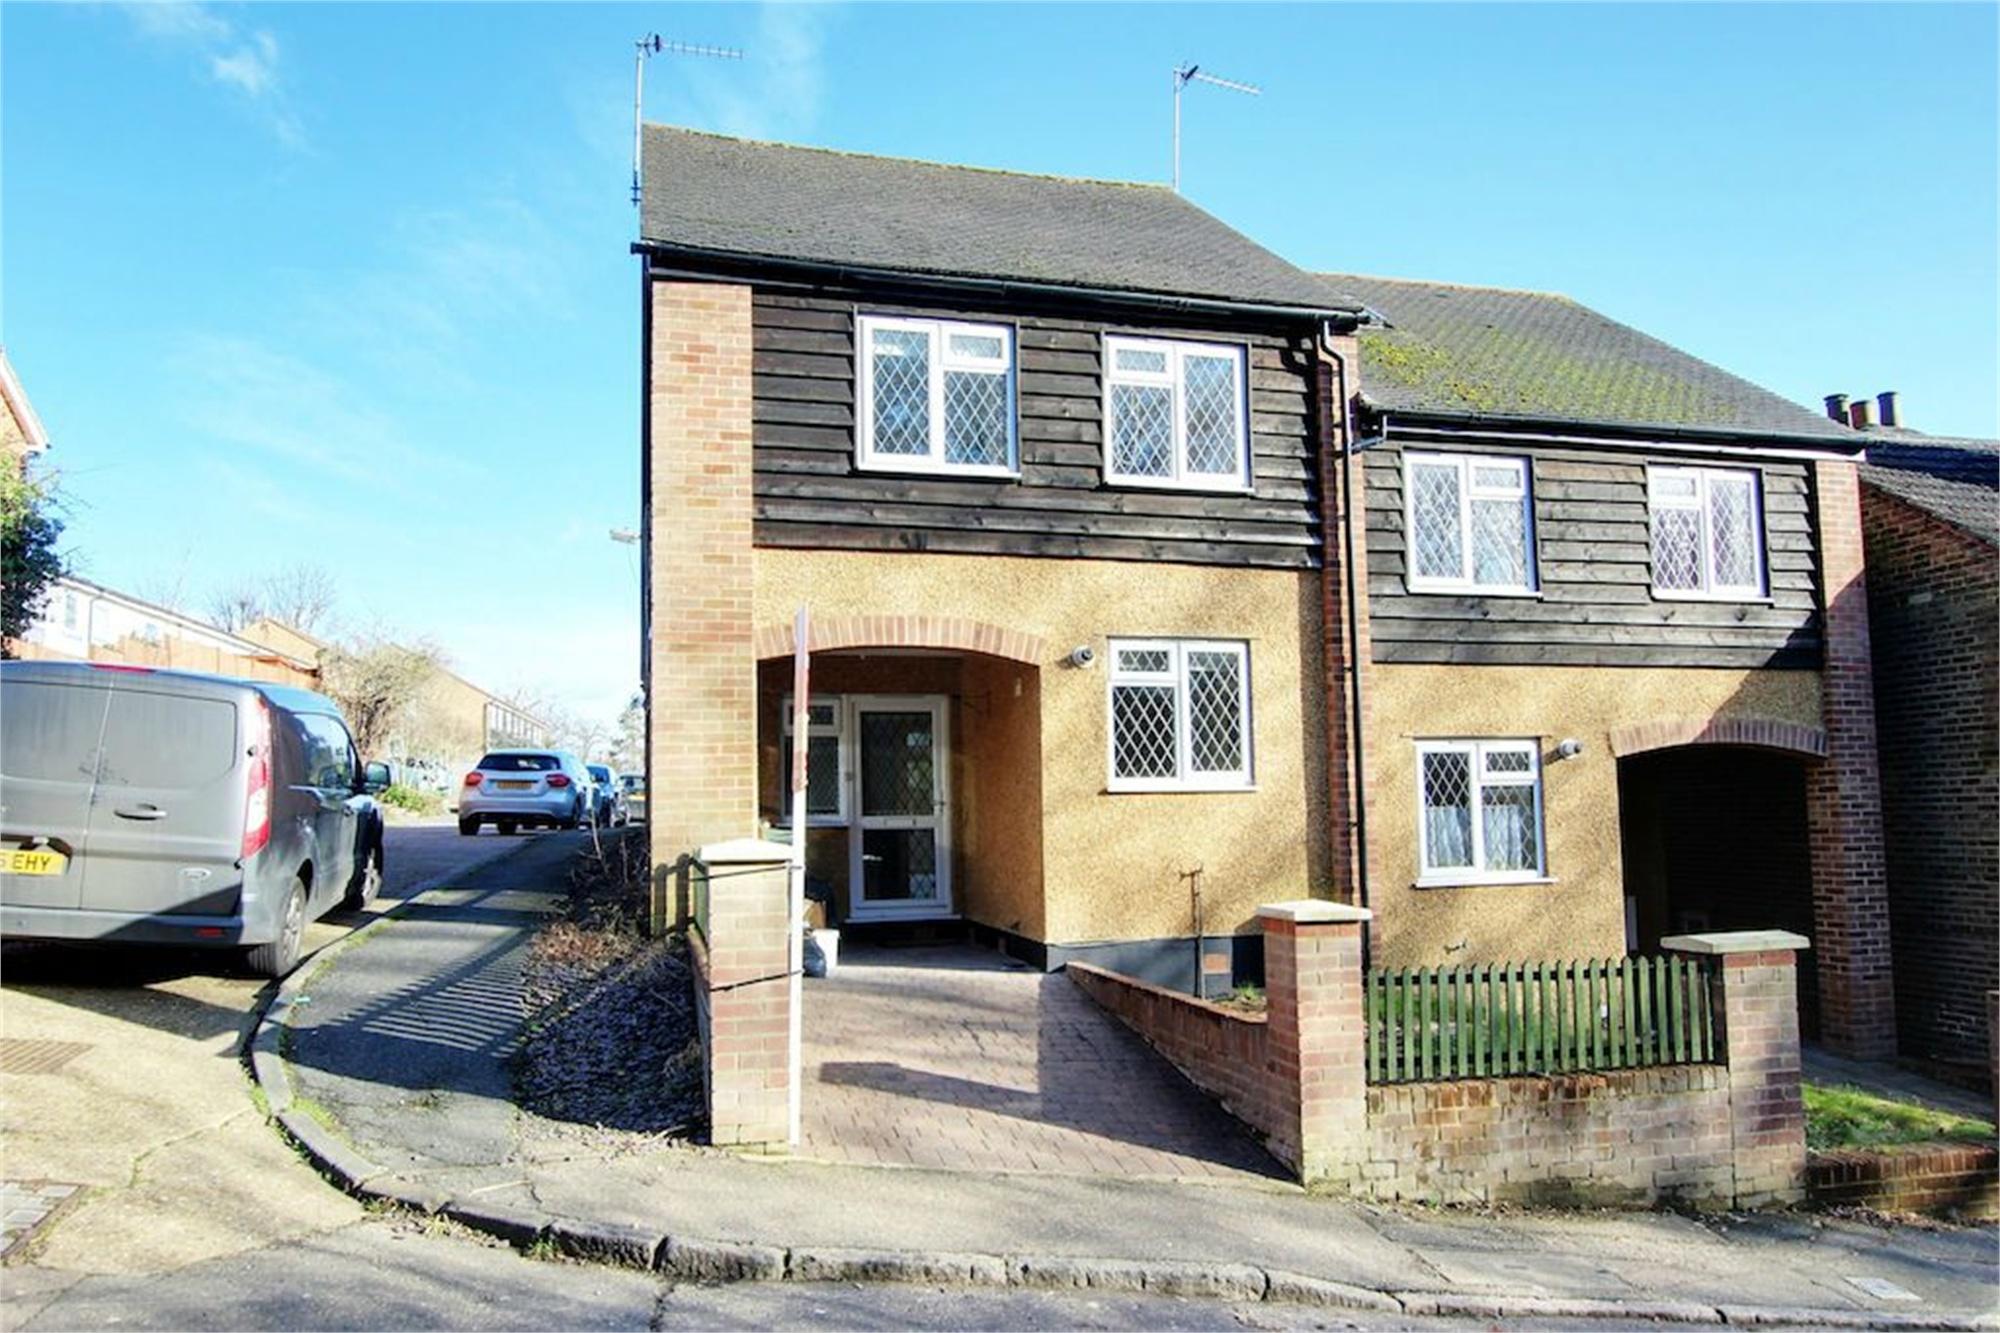 Lower Road, Loughton, Essex